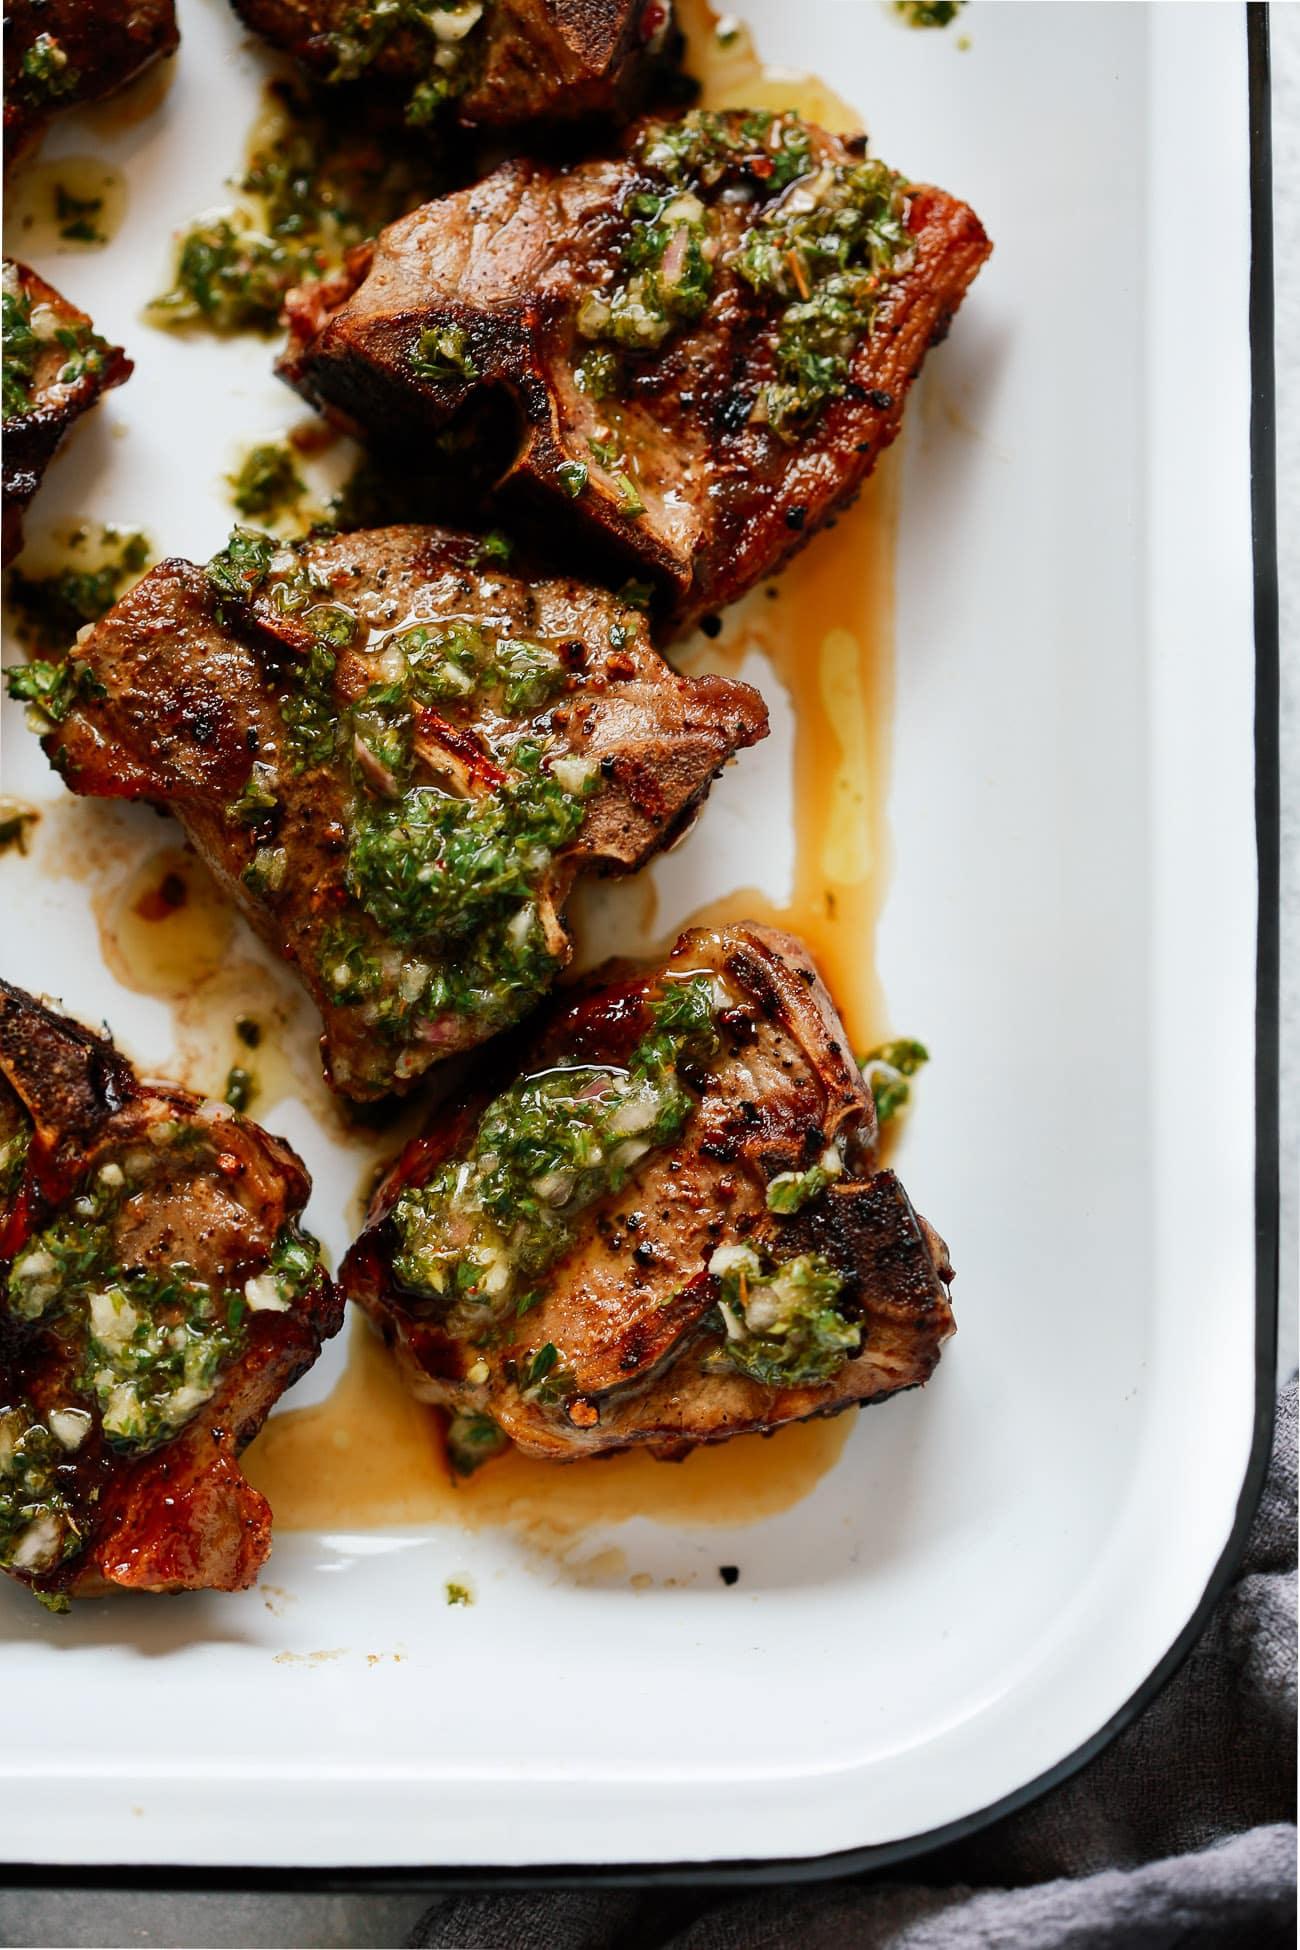 Lamb chops in chimichurri marinade